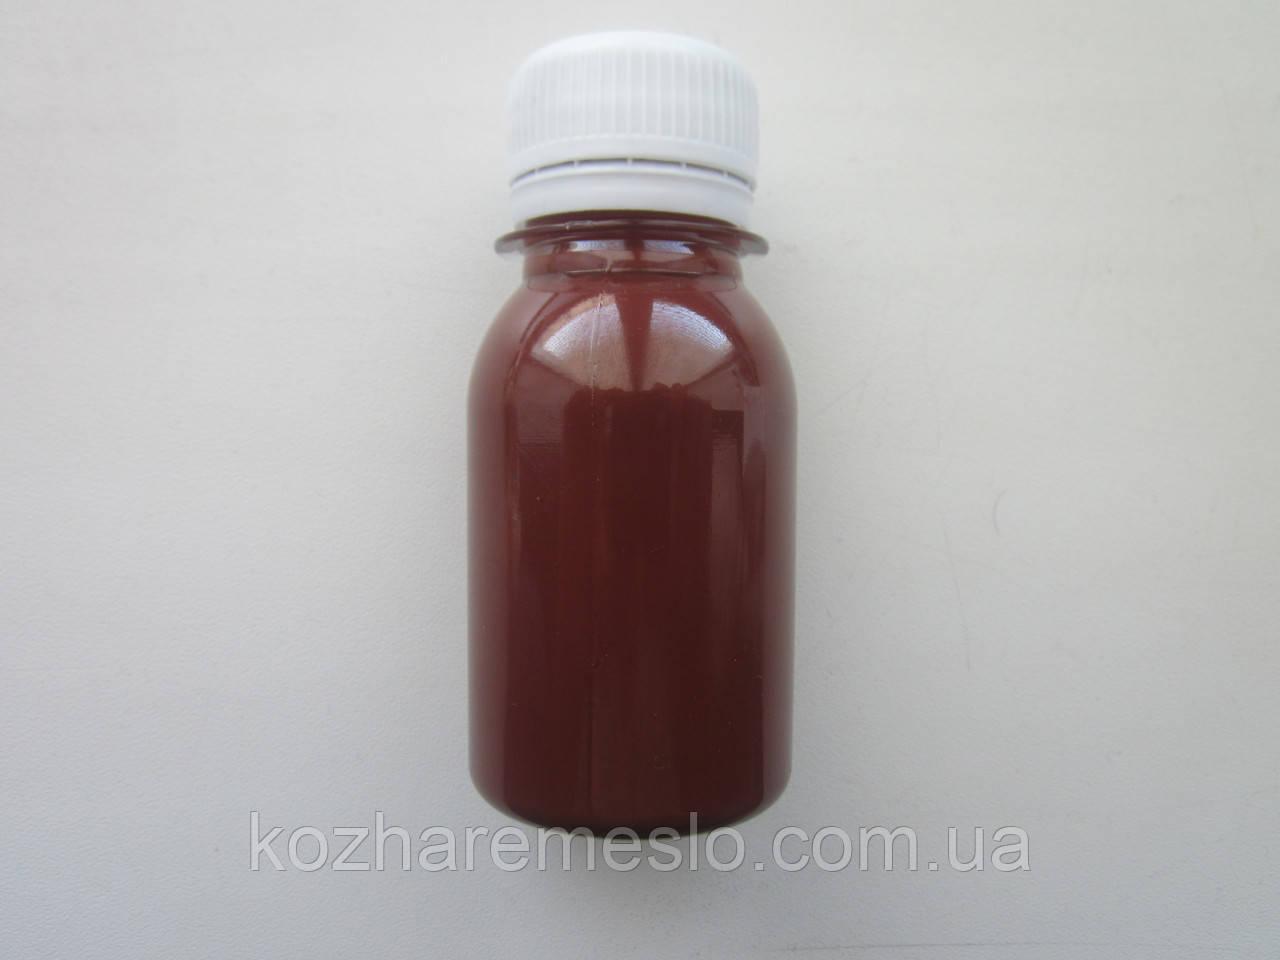 Краска для уреза (торца) кожи FENICE на силиконовой основе 50 грамм коричневая (каштановая)